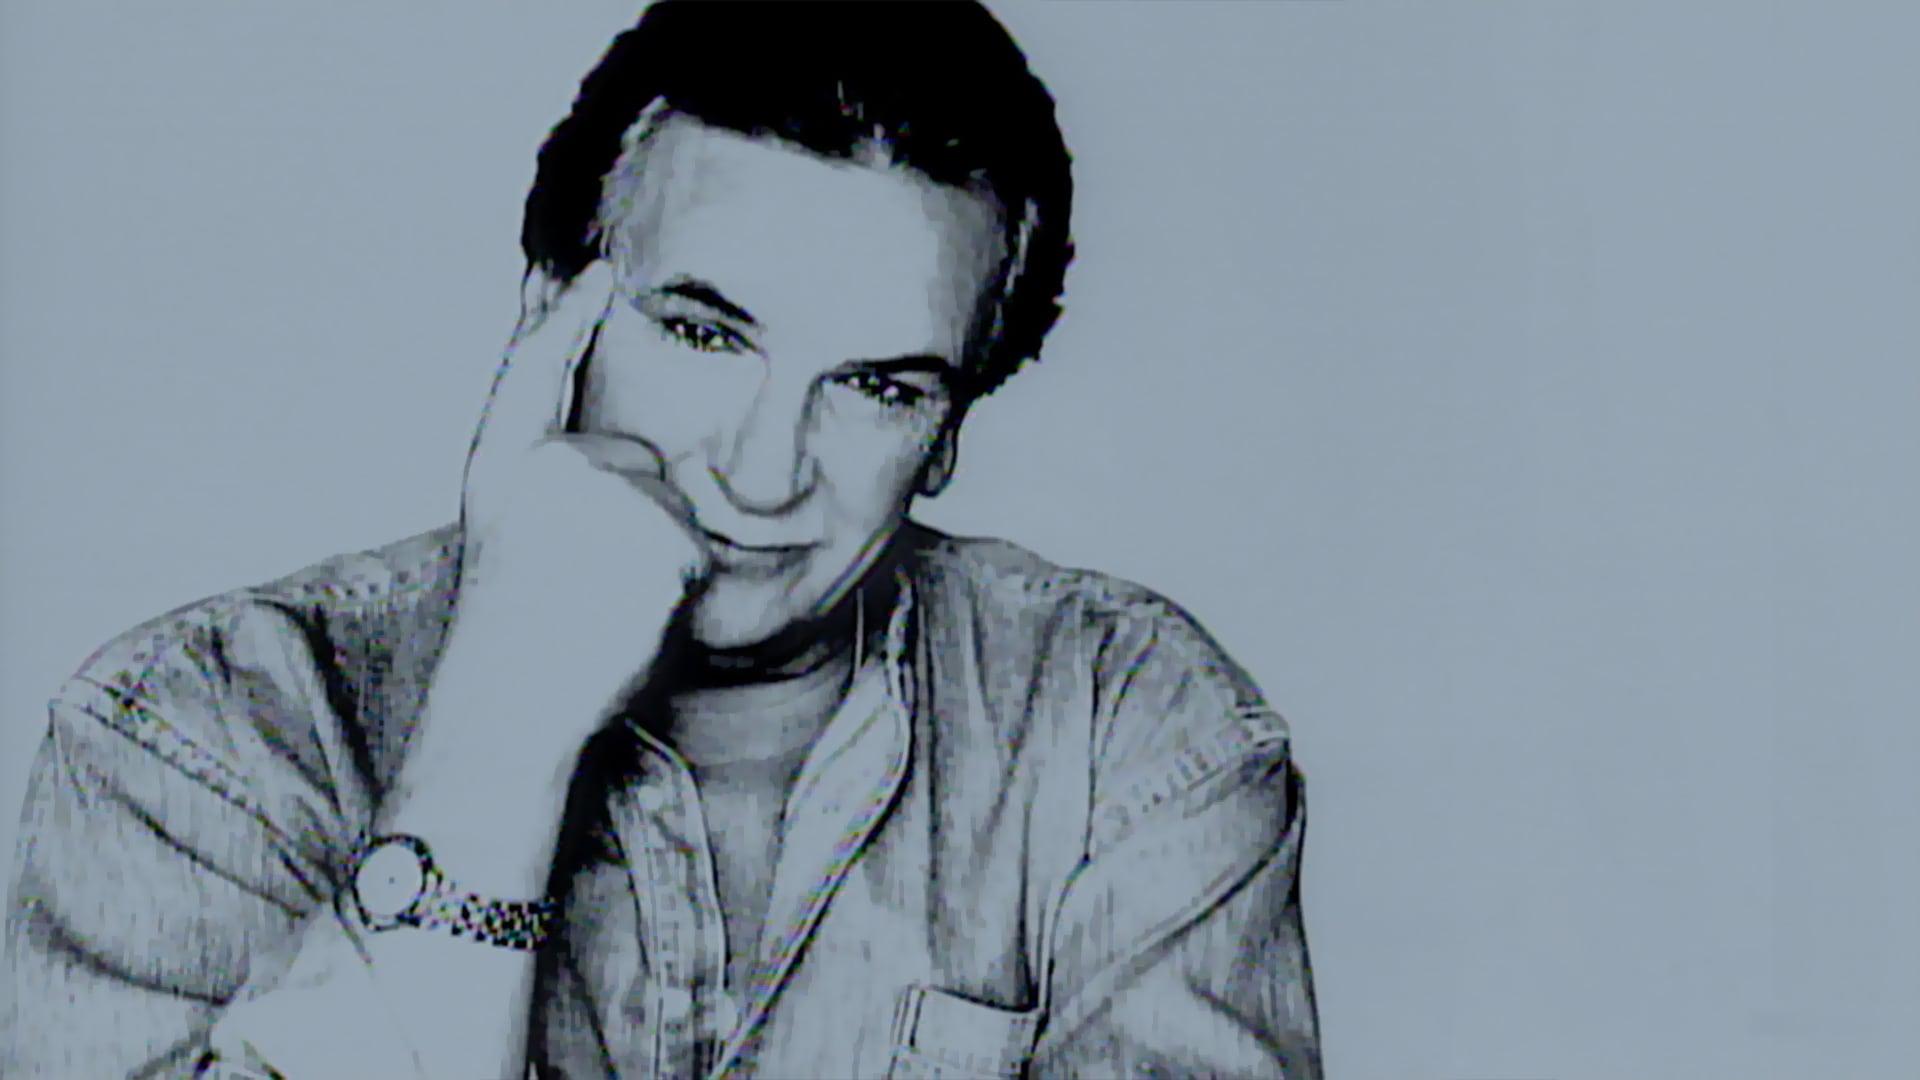 Danny Aiello: February 10, 1996